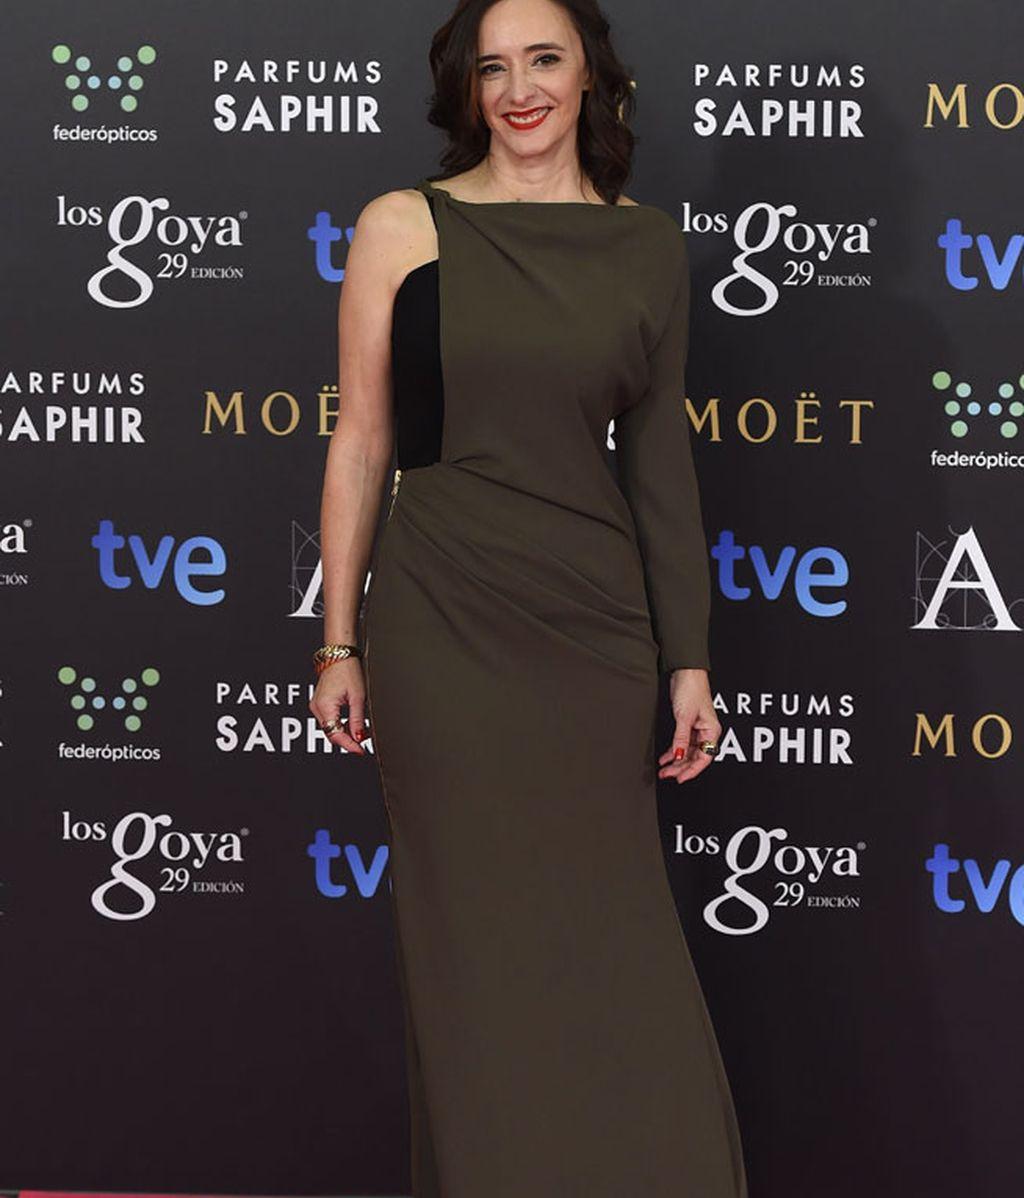 Ana Torrent con vestido de Juanjo Oliva y zapatos de Lodi